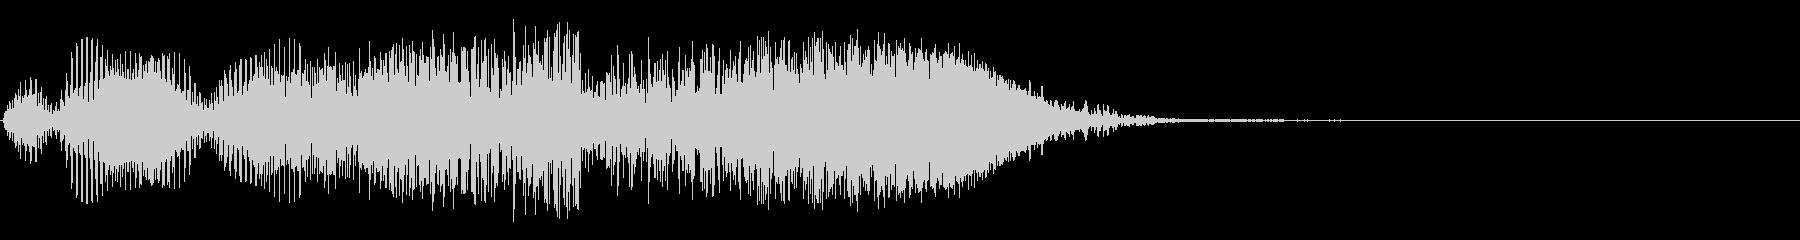 パワースロブスイープの未再生の波形